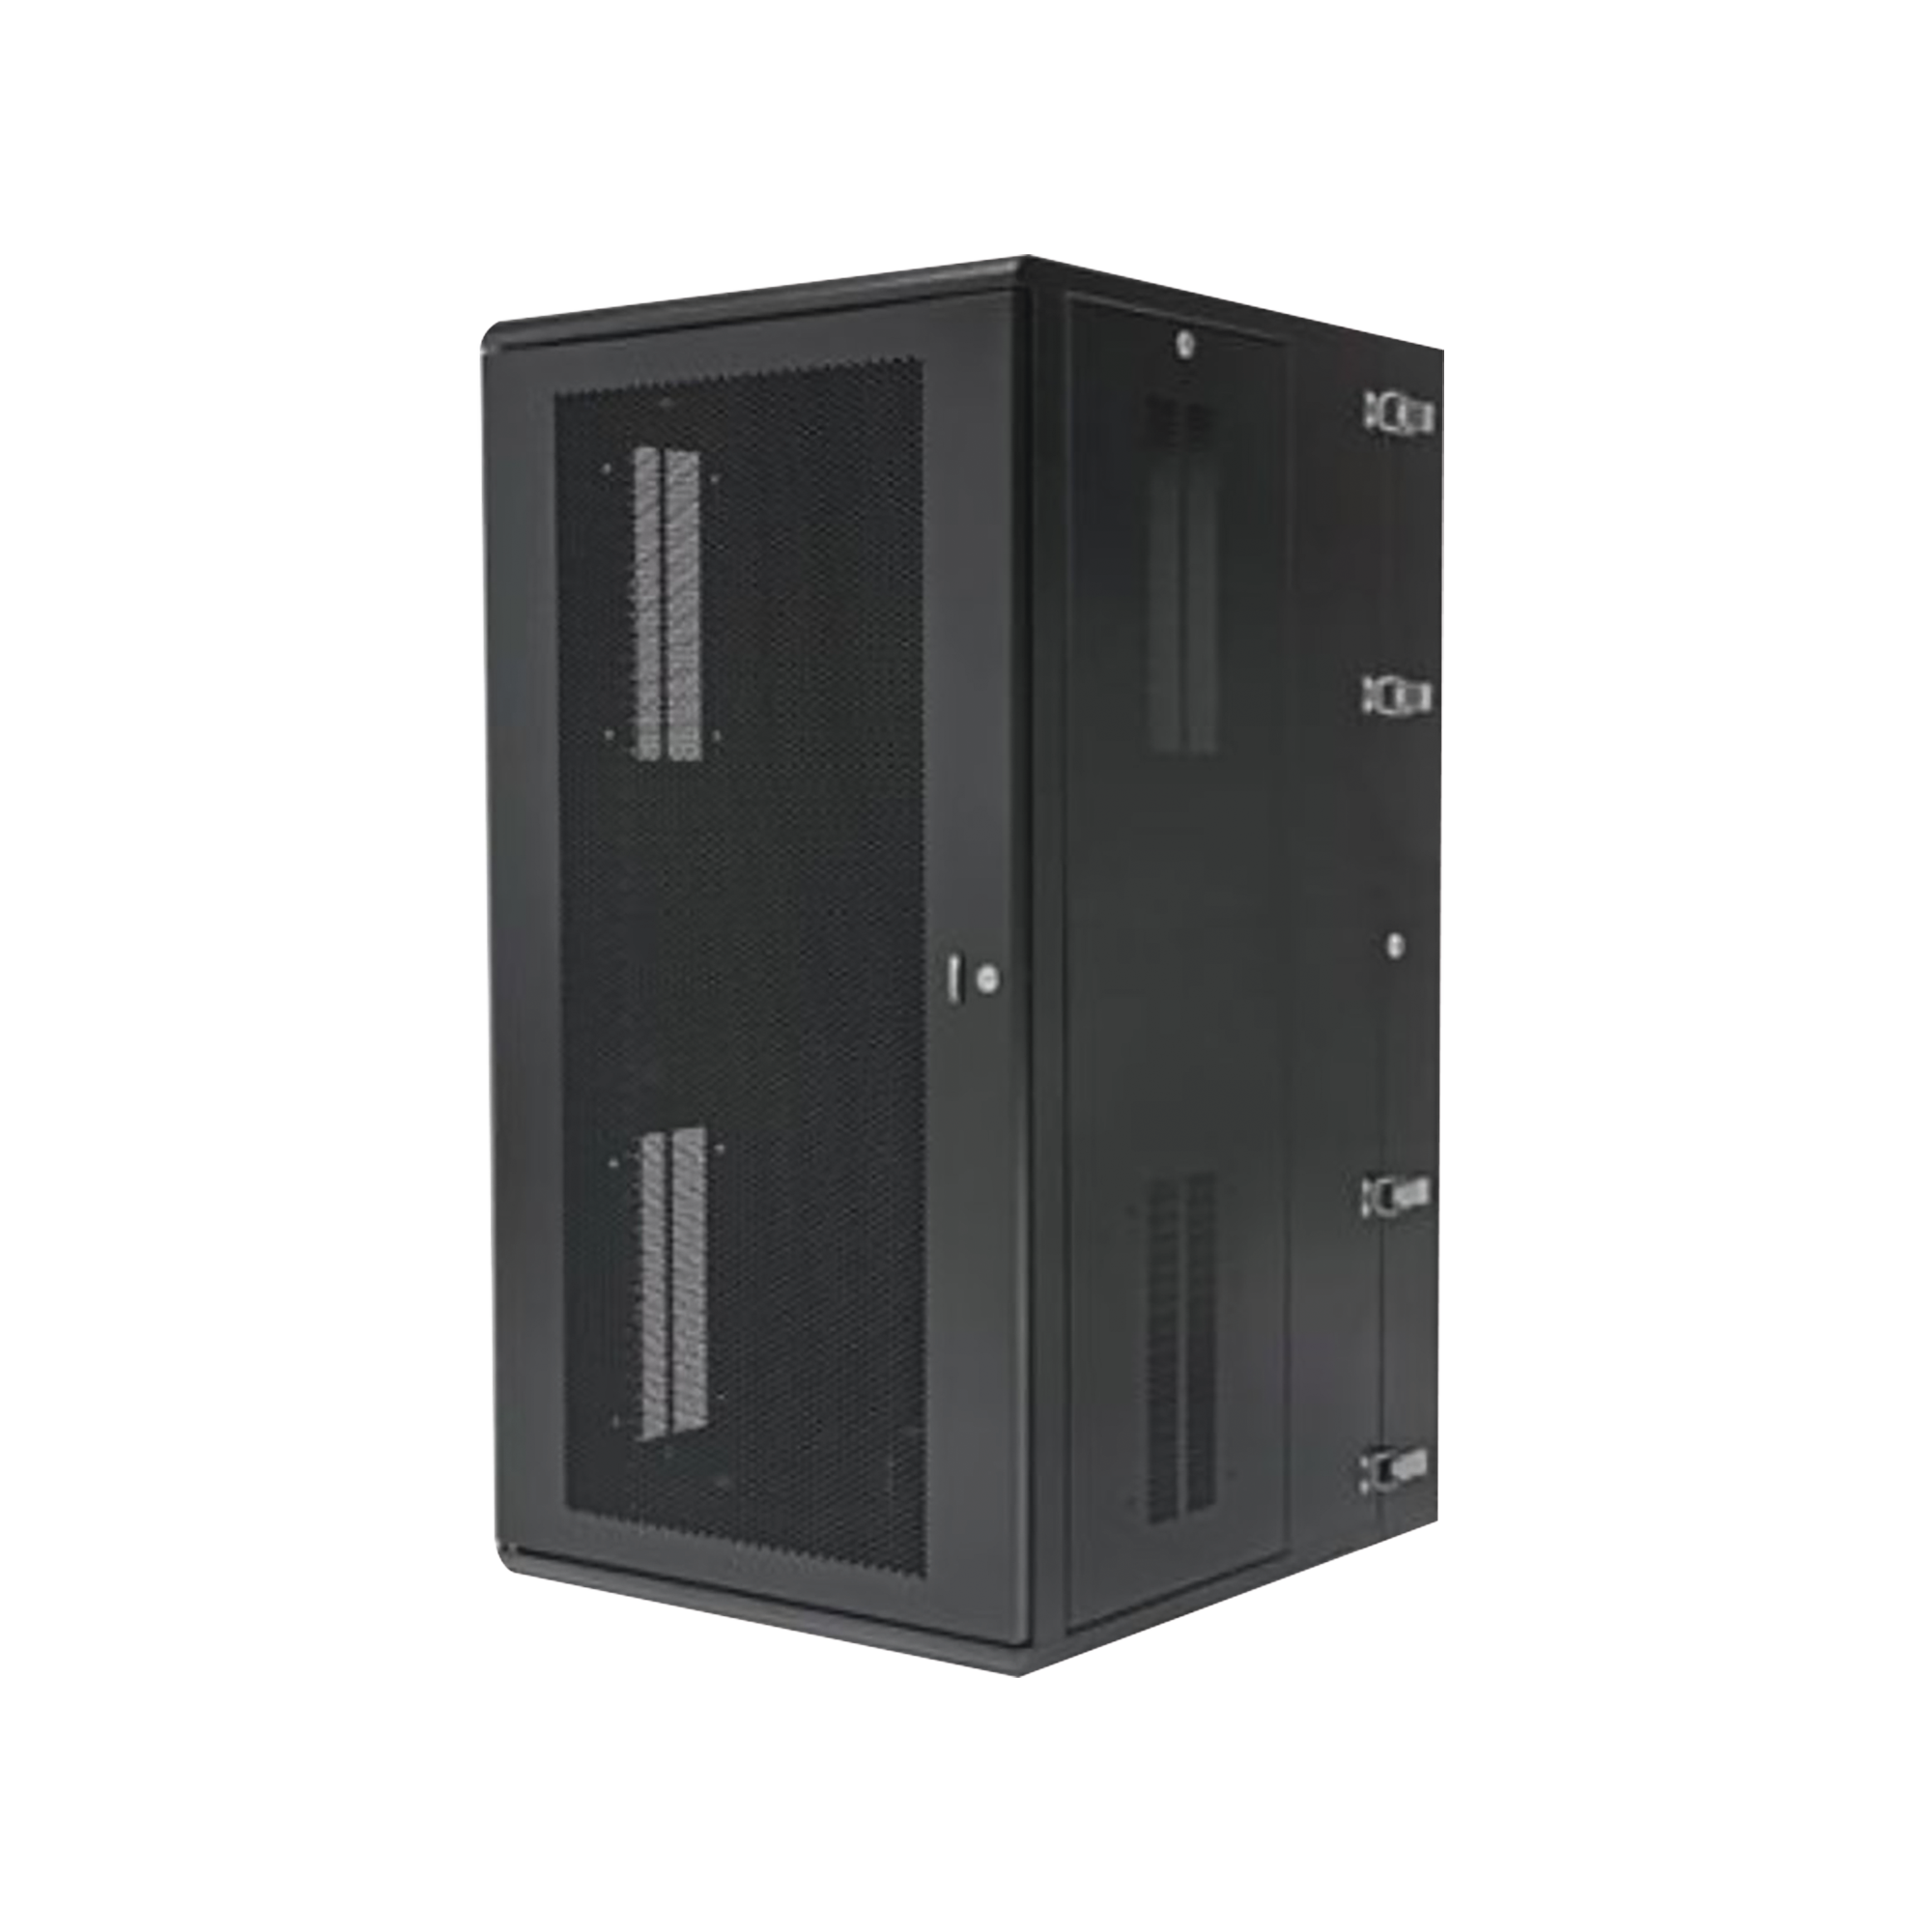 Gabinete PanZone de Montaje en Pared, de 19in, Puerta Ventilada, 26 UR, 635mm de Profundidad, Color Negro